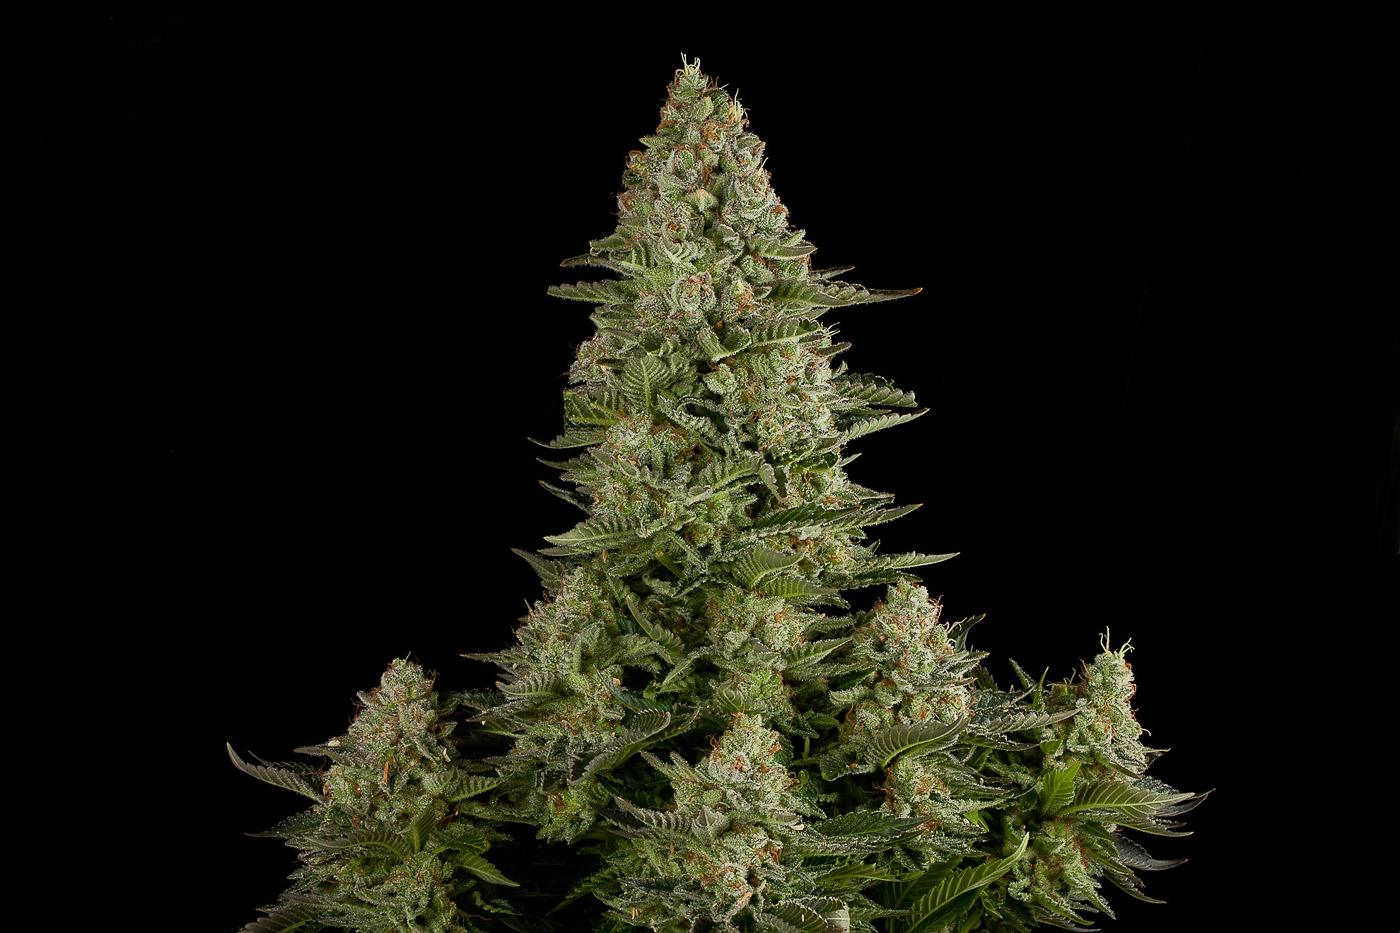 Сорт марихуаны ww как сушить коноплю и курить